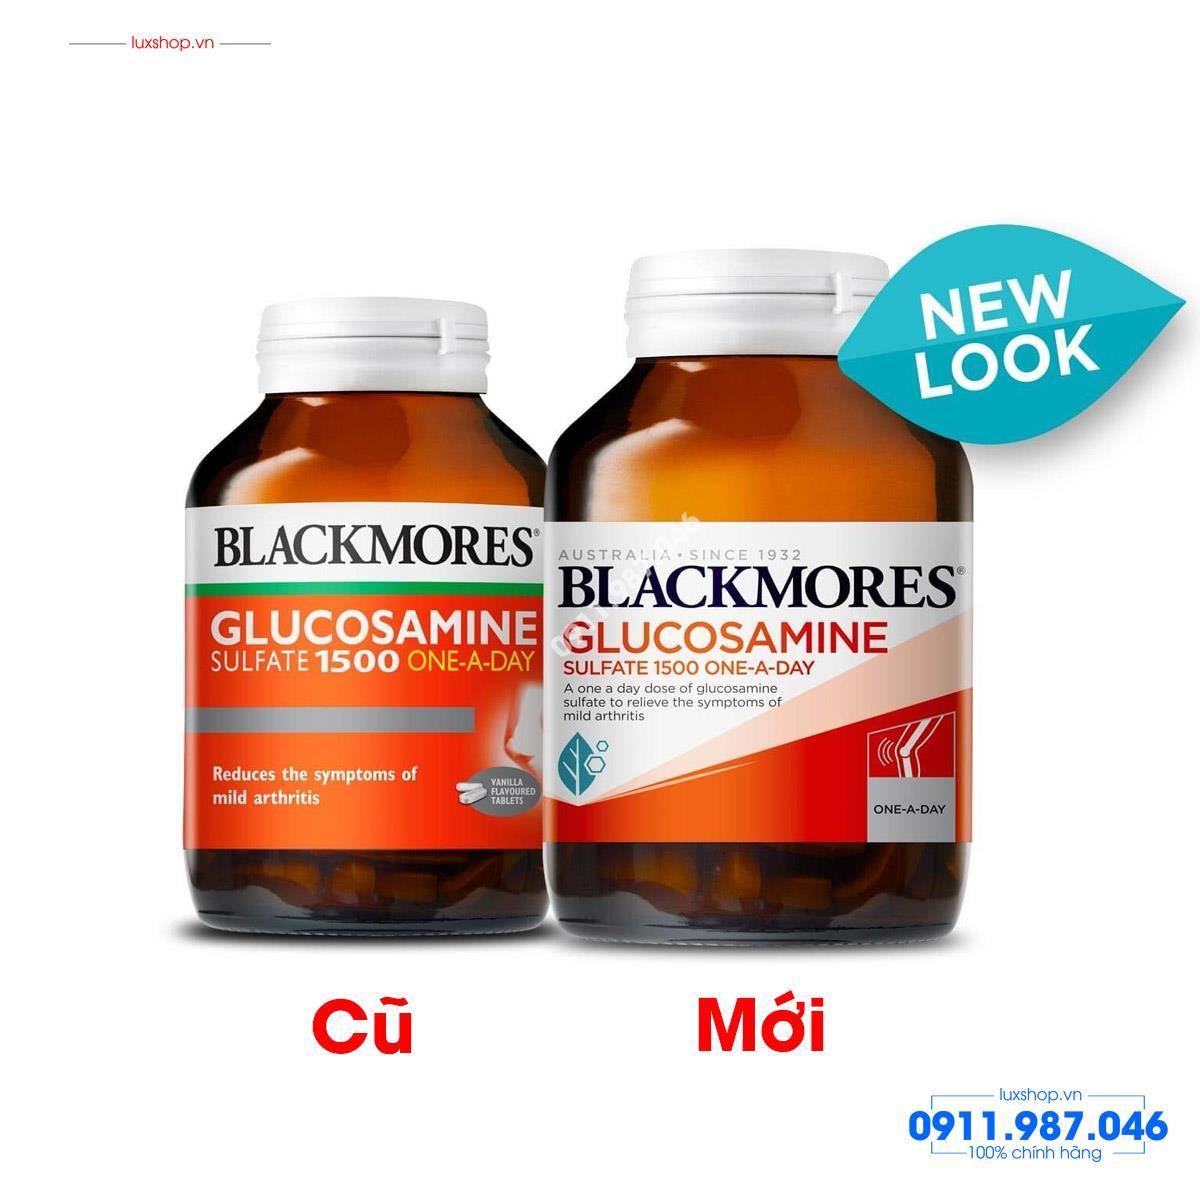 Thực phẩm chức năng Blackmores Glucosamine 1500 One-A-Day mẫu mới 180 viên chính hãng (Úc) - L101962